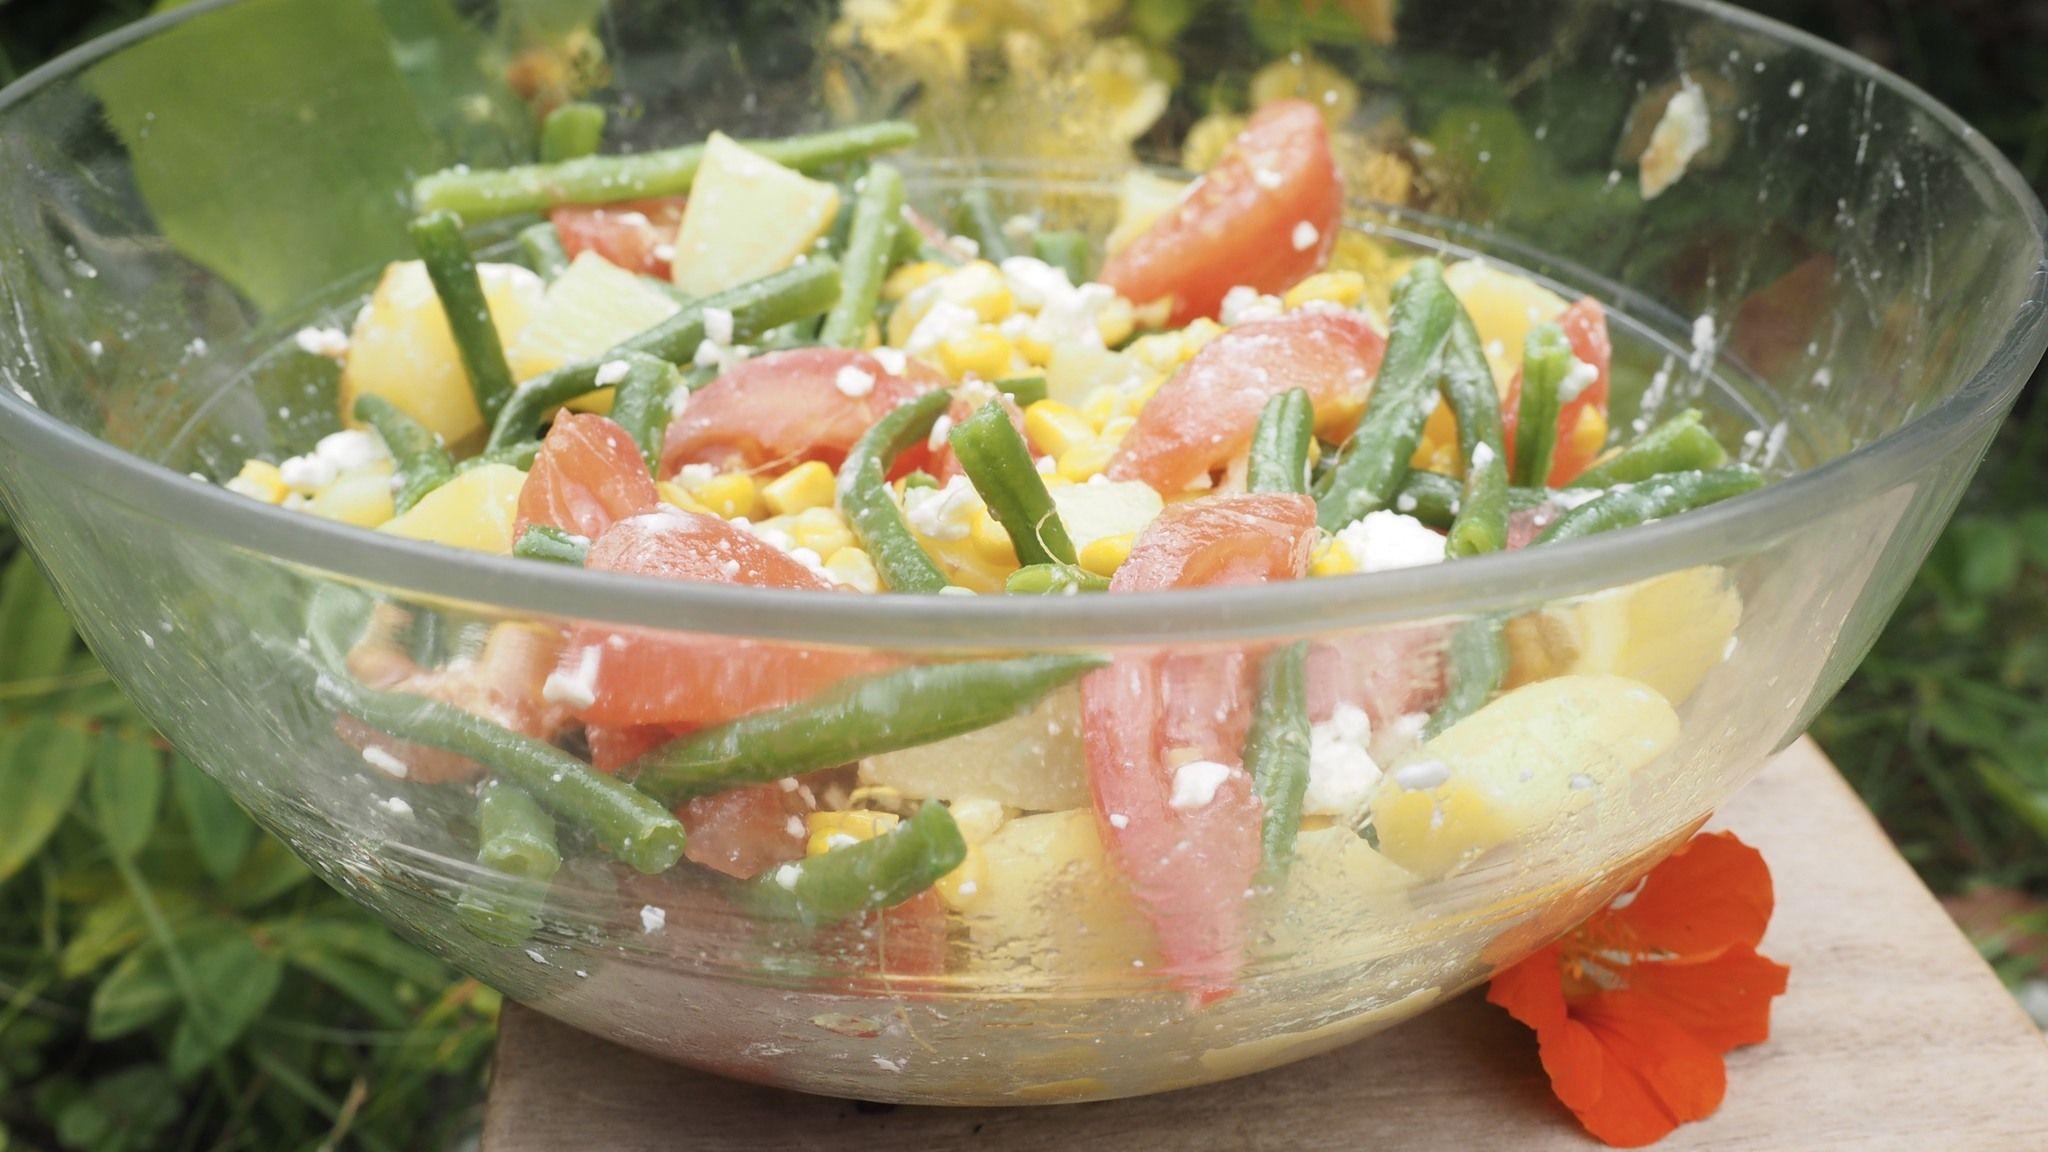 Salade Complète Pour Bébé Et Toute La Famille Cuisinez Pour Bébé Salade Pomme De Terre Salade De Pomme De Terre Froide Salade Haricot